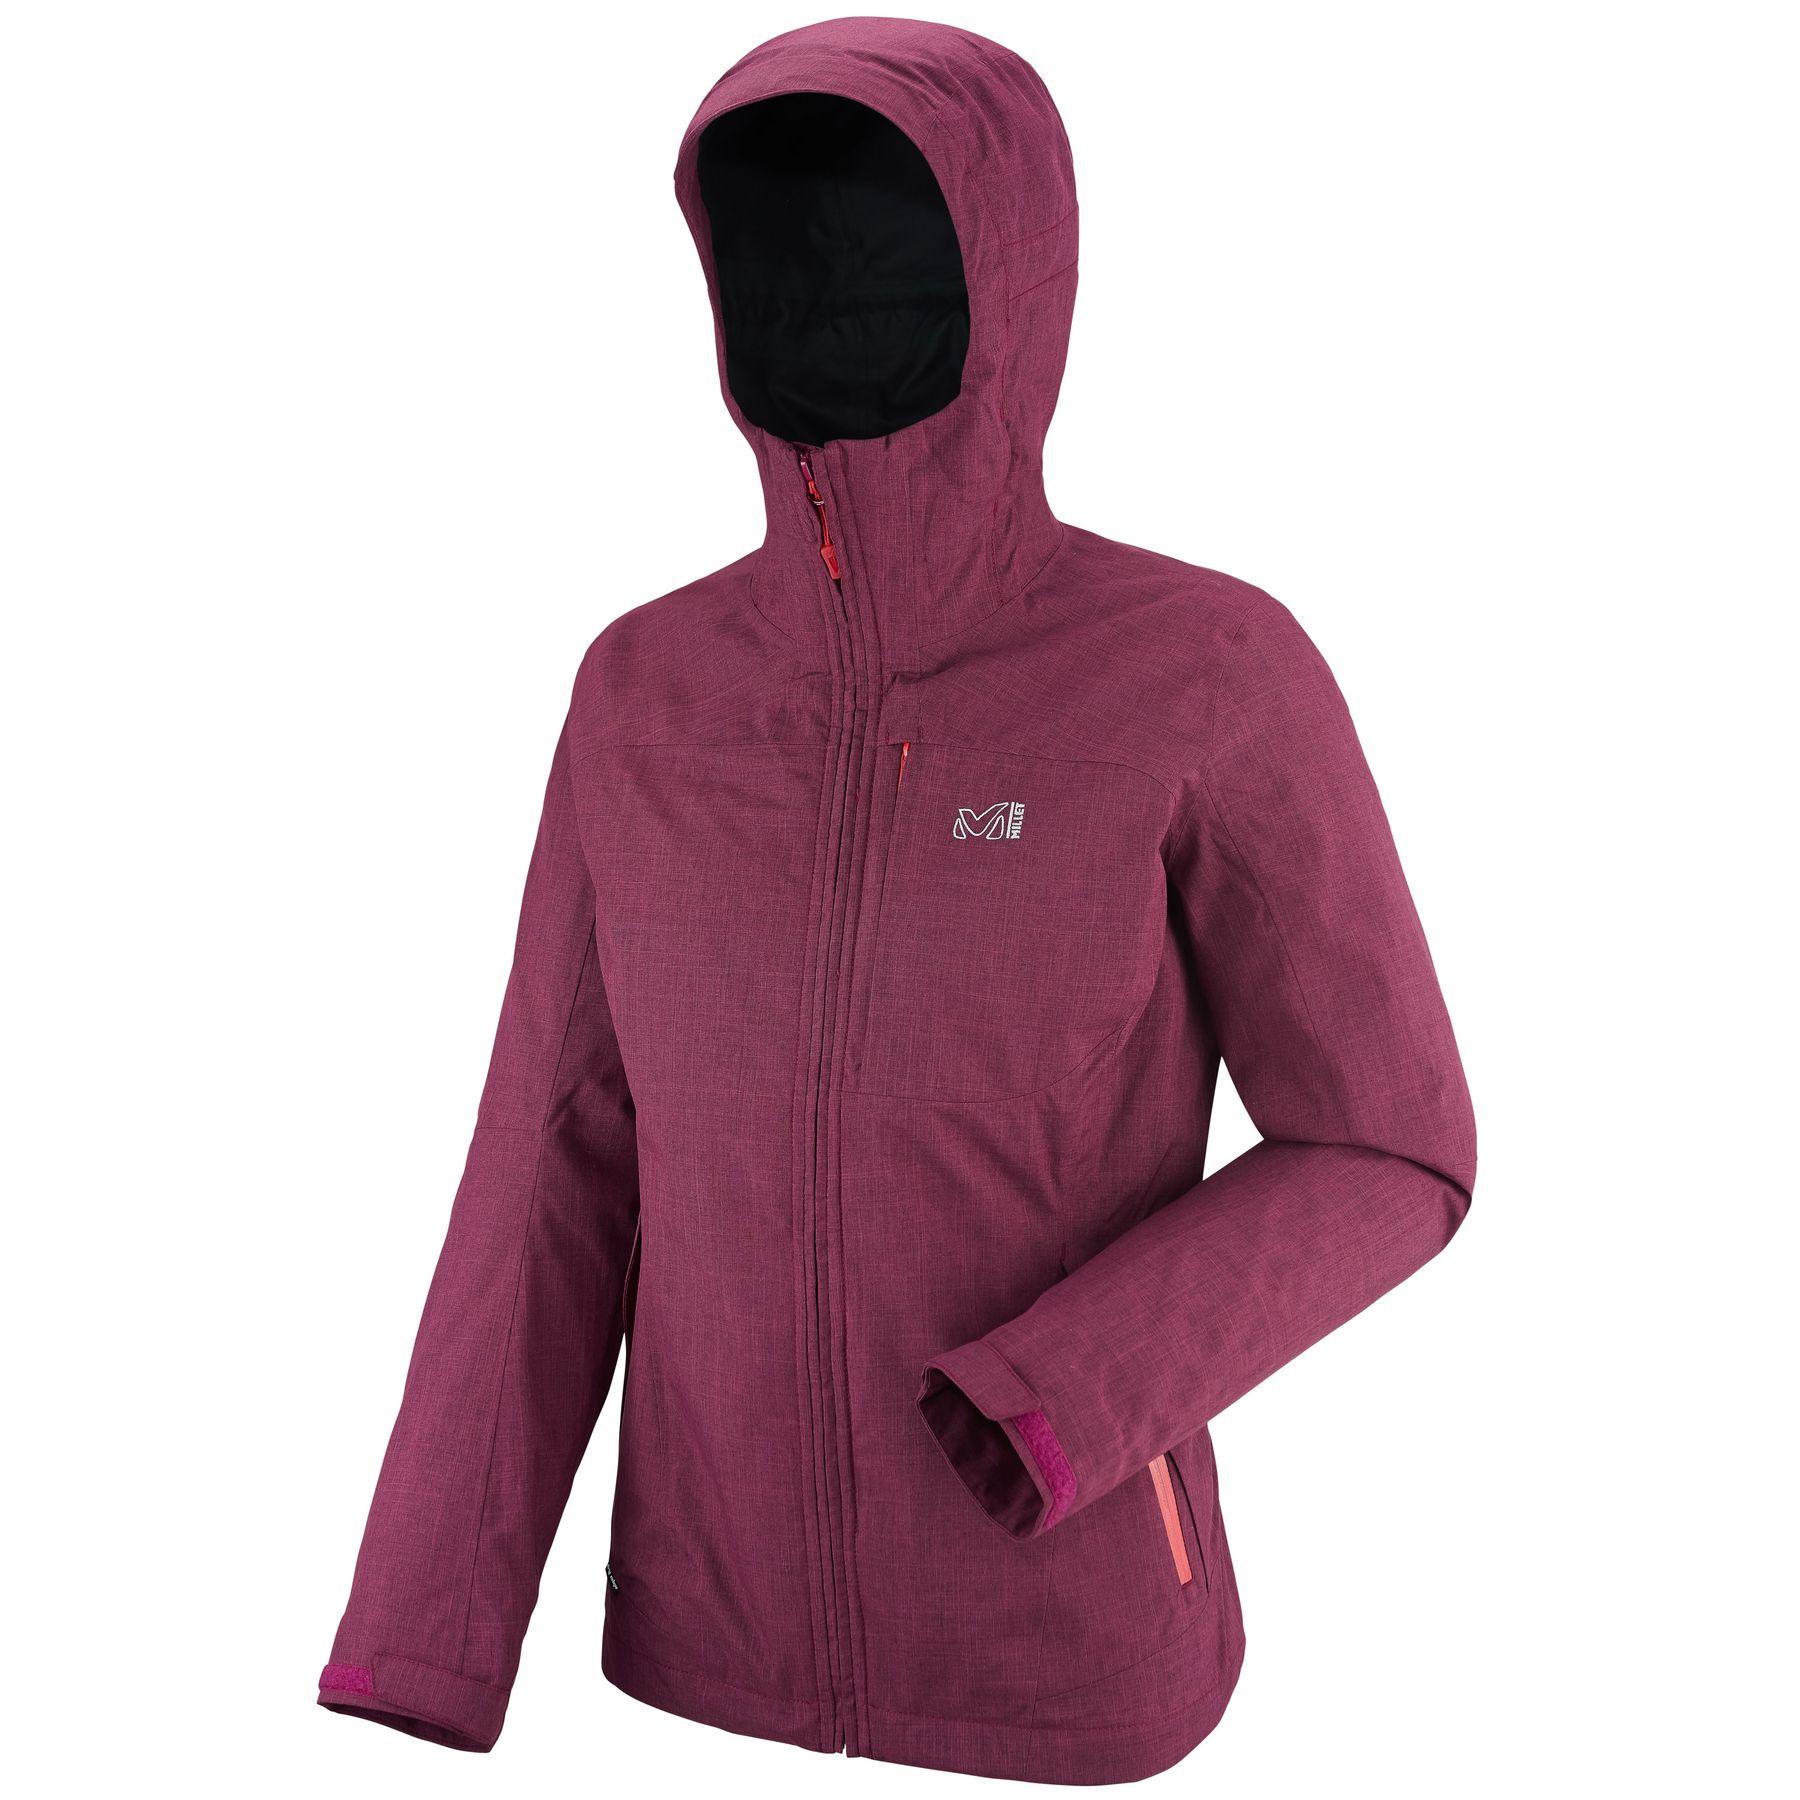 Millet - LD Pumari 3 In 1 Jkt - Outdoor jacket - Women's